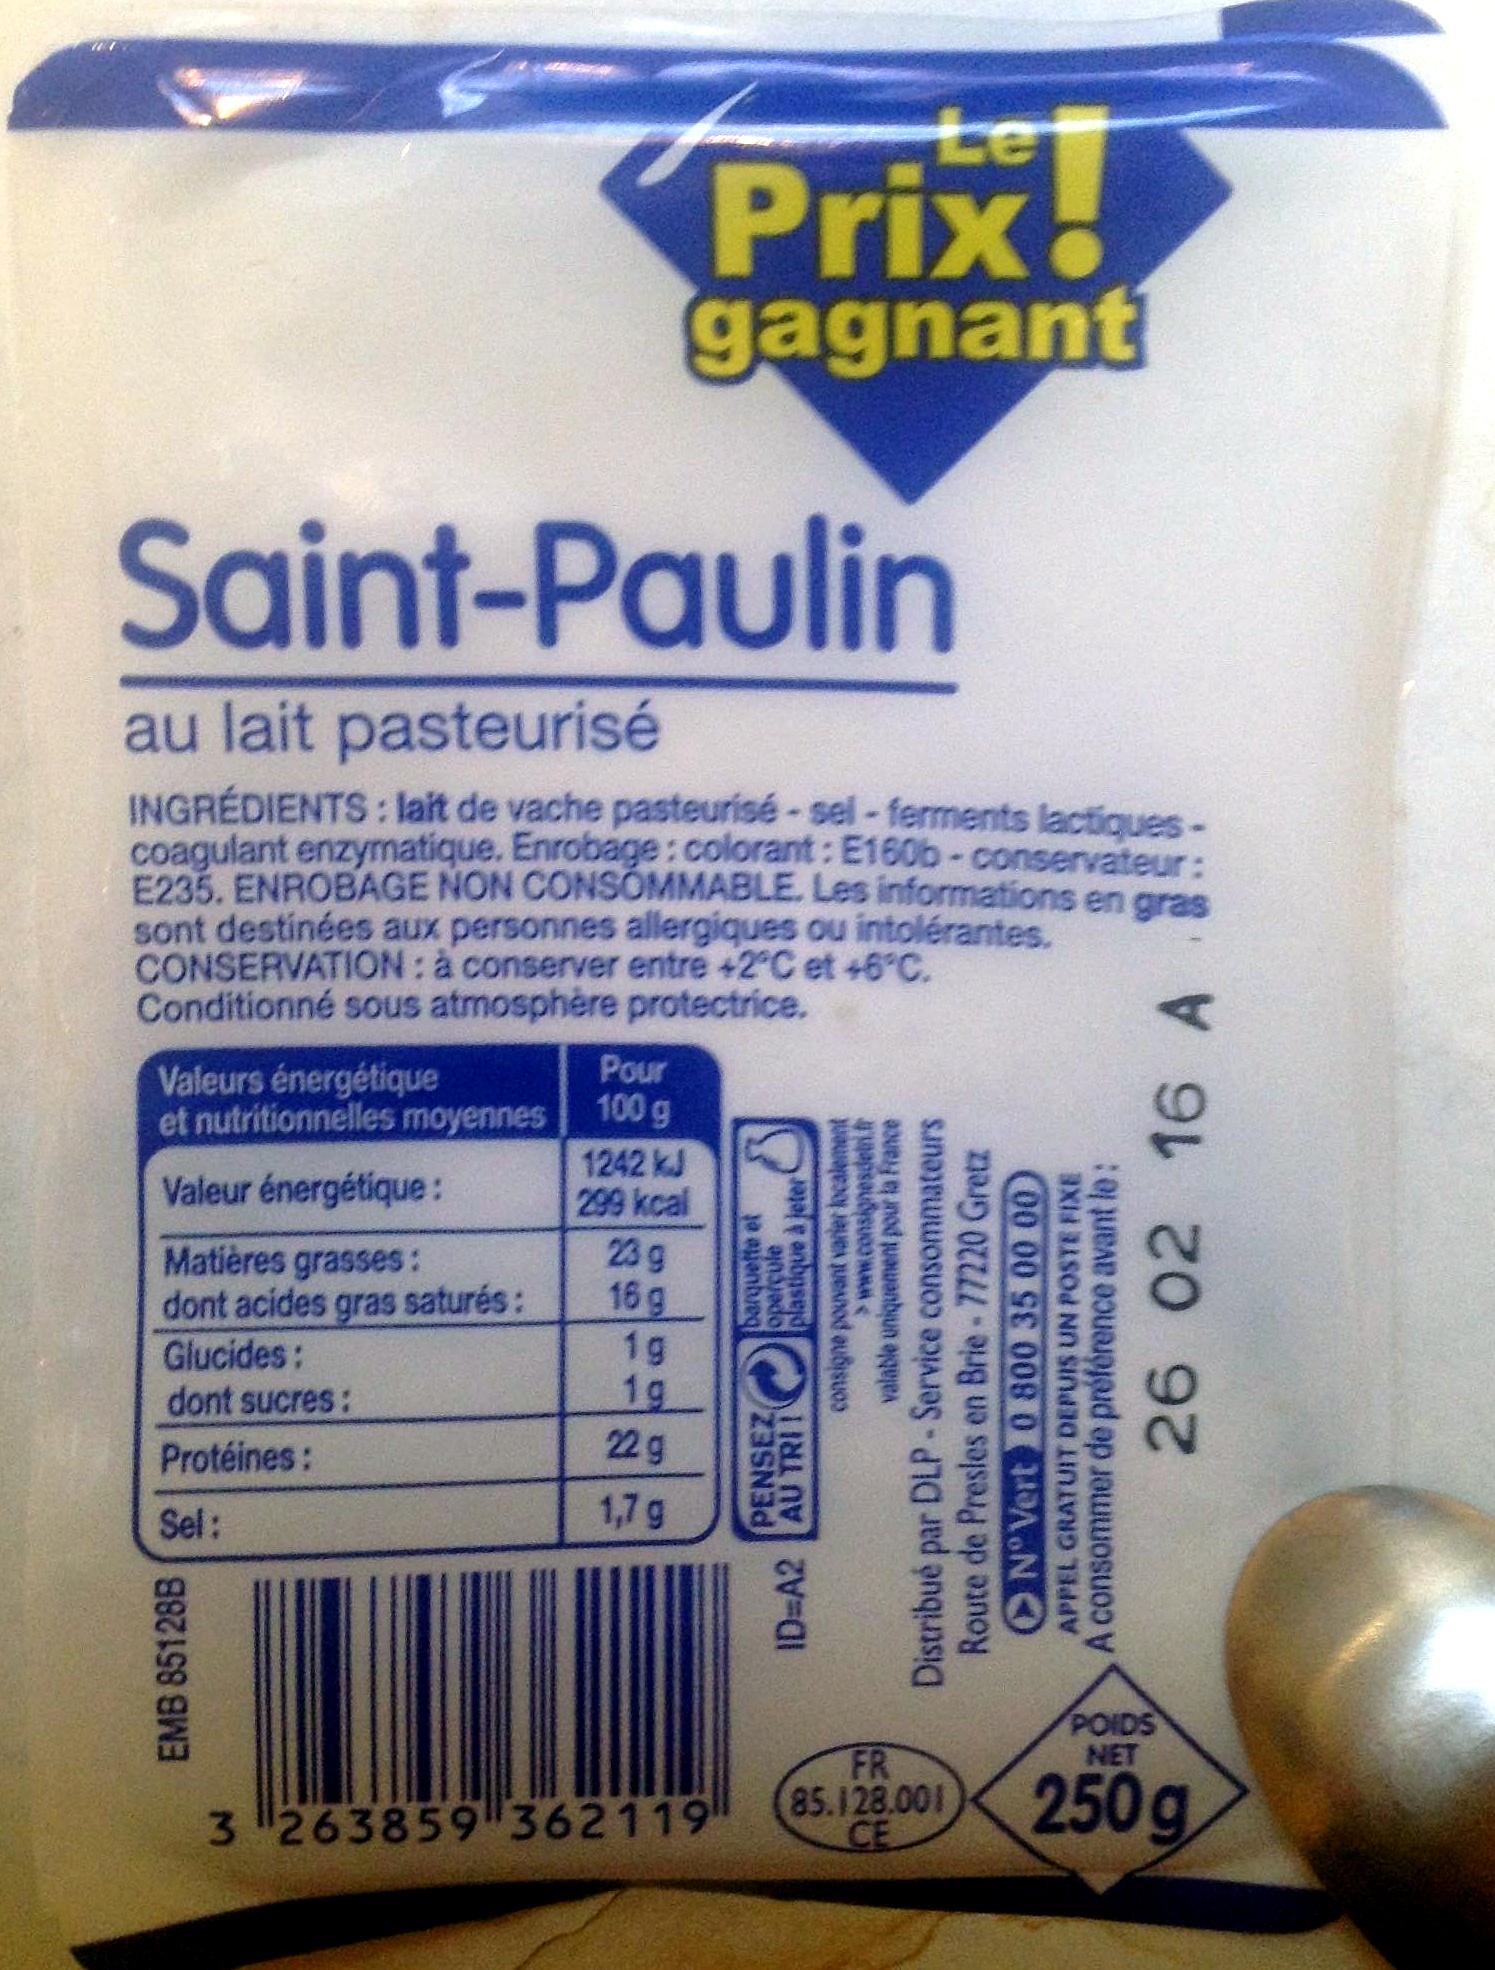 Saint-Paulin au lait pasteurisé - Produit - fr